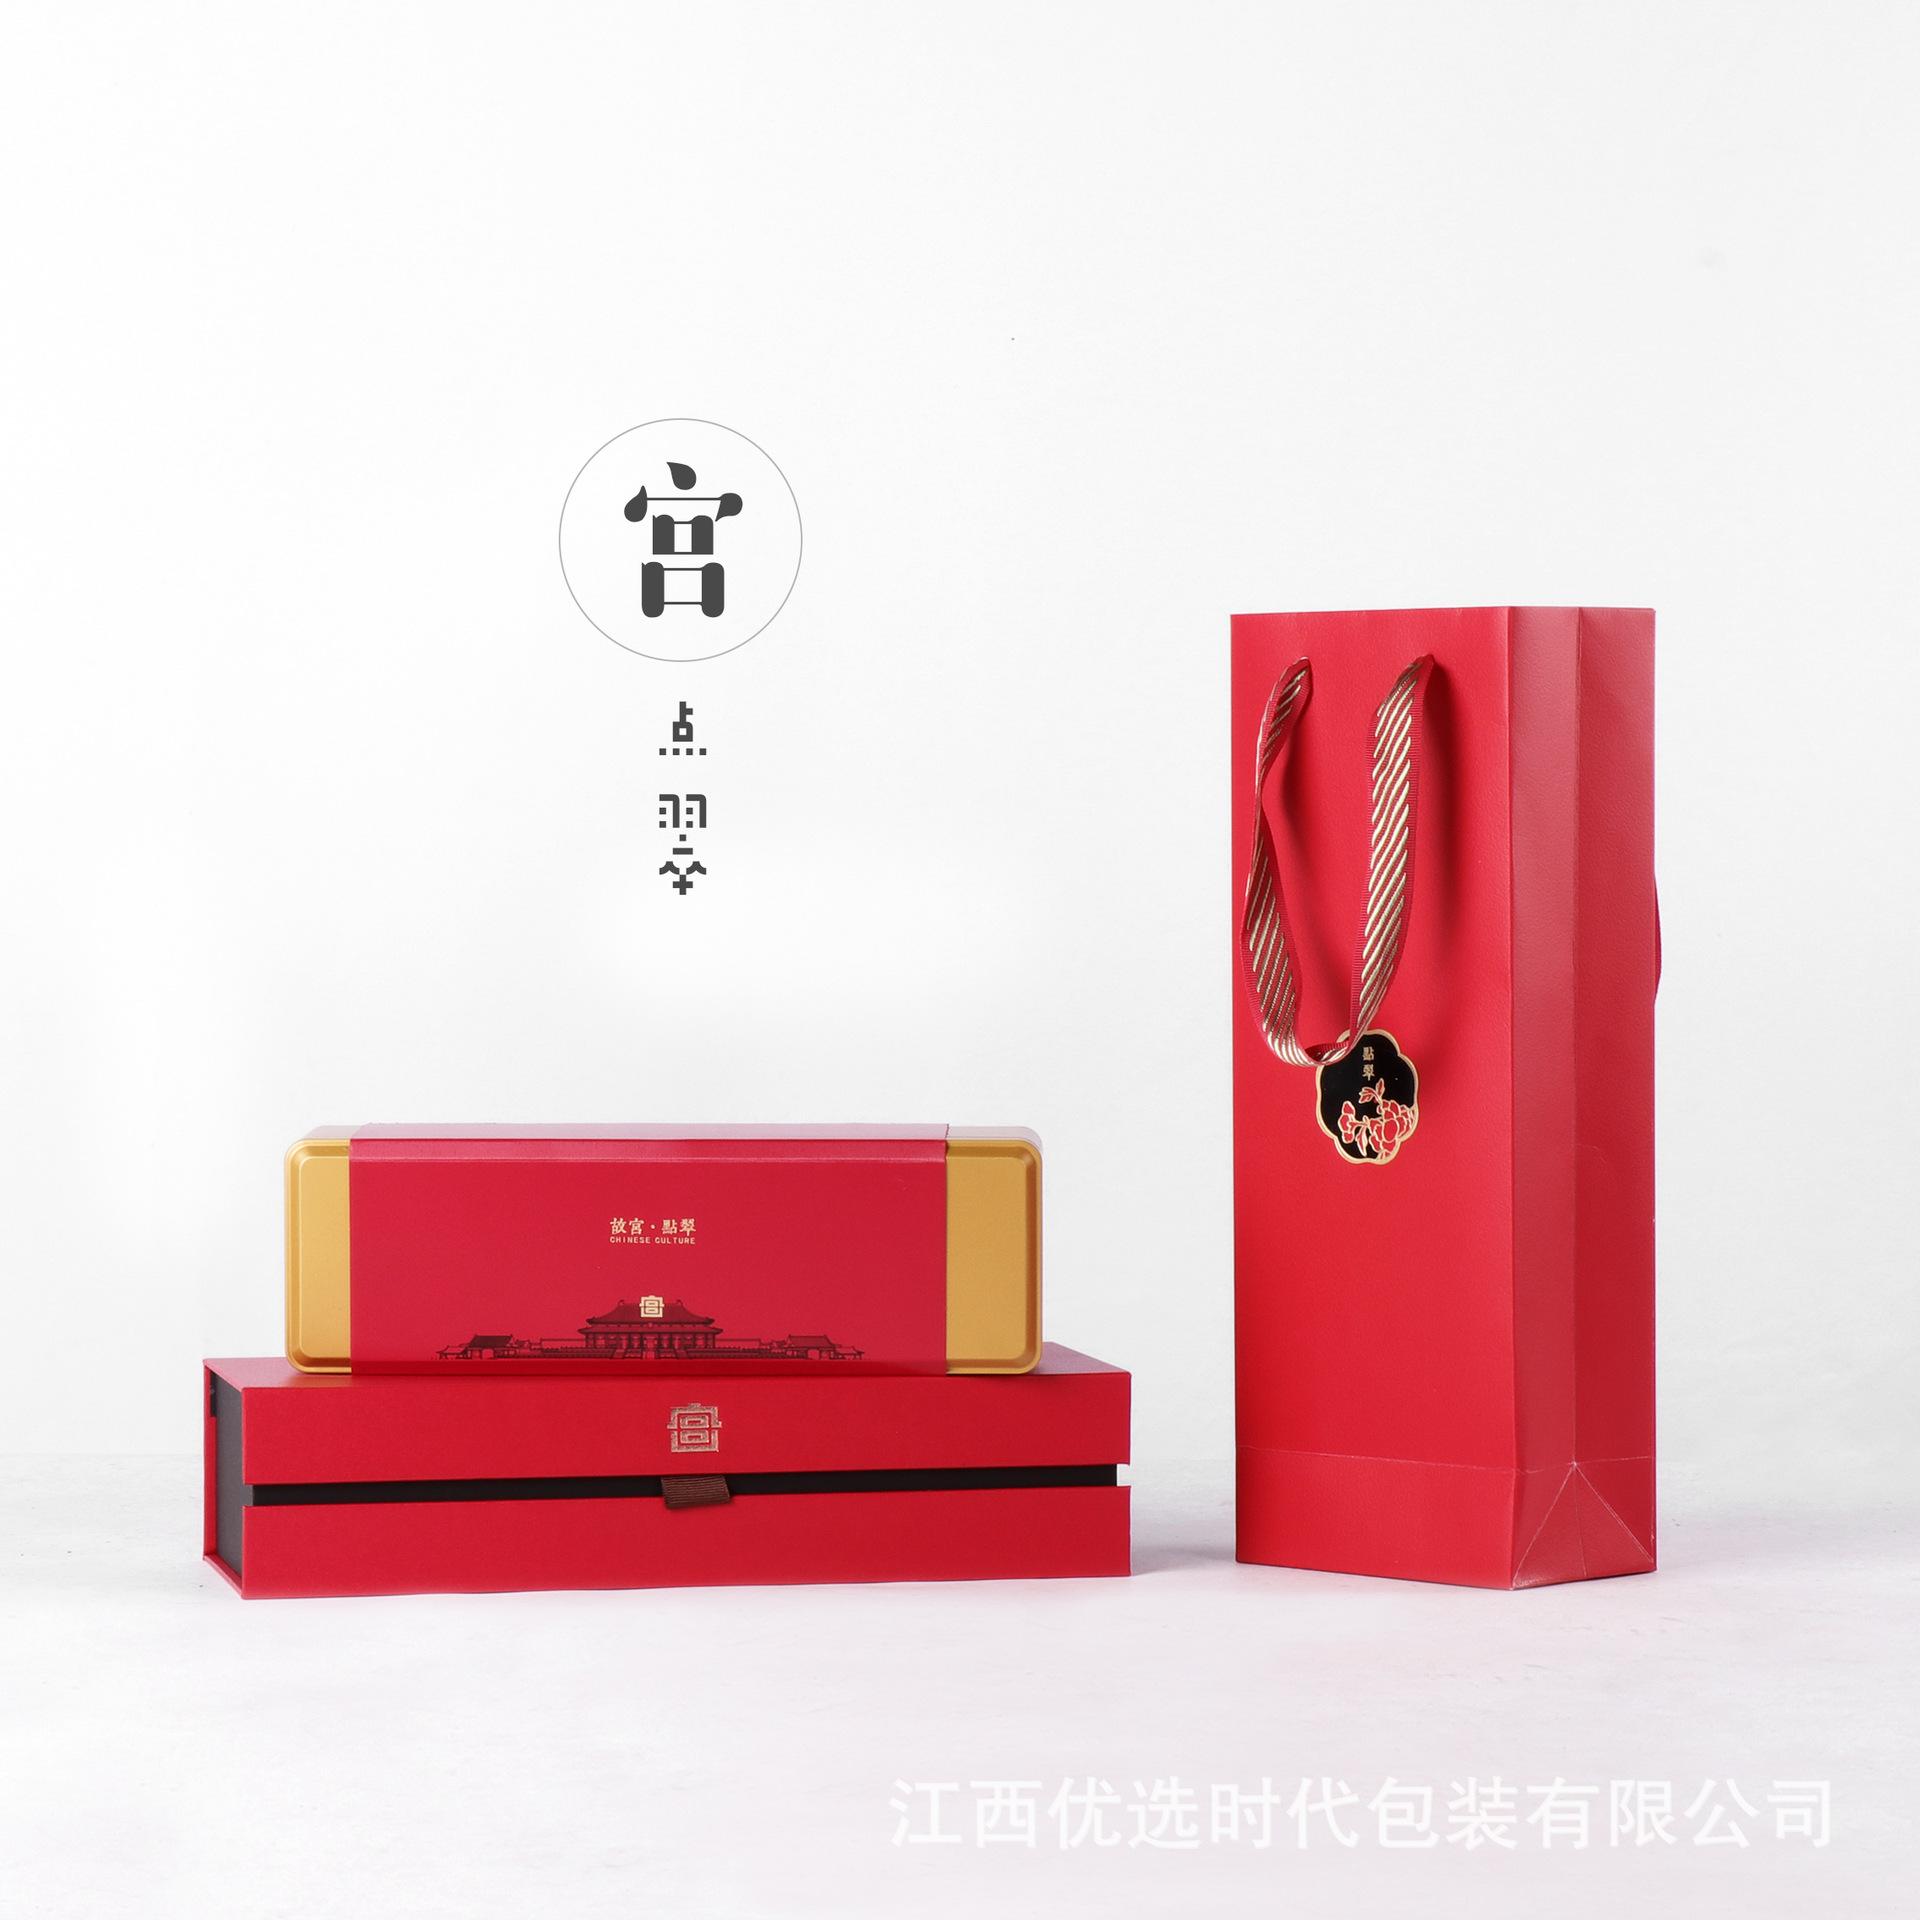 茶叶罐礼盒小号泡袋包装便携随身密封不锈钢防潮迷你茶罐容器盒